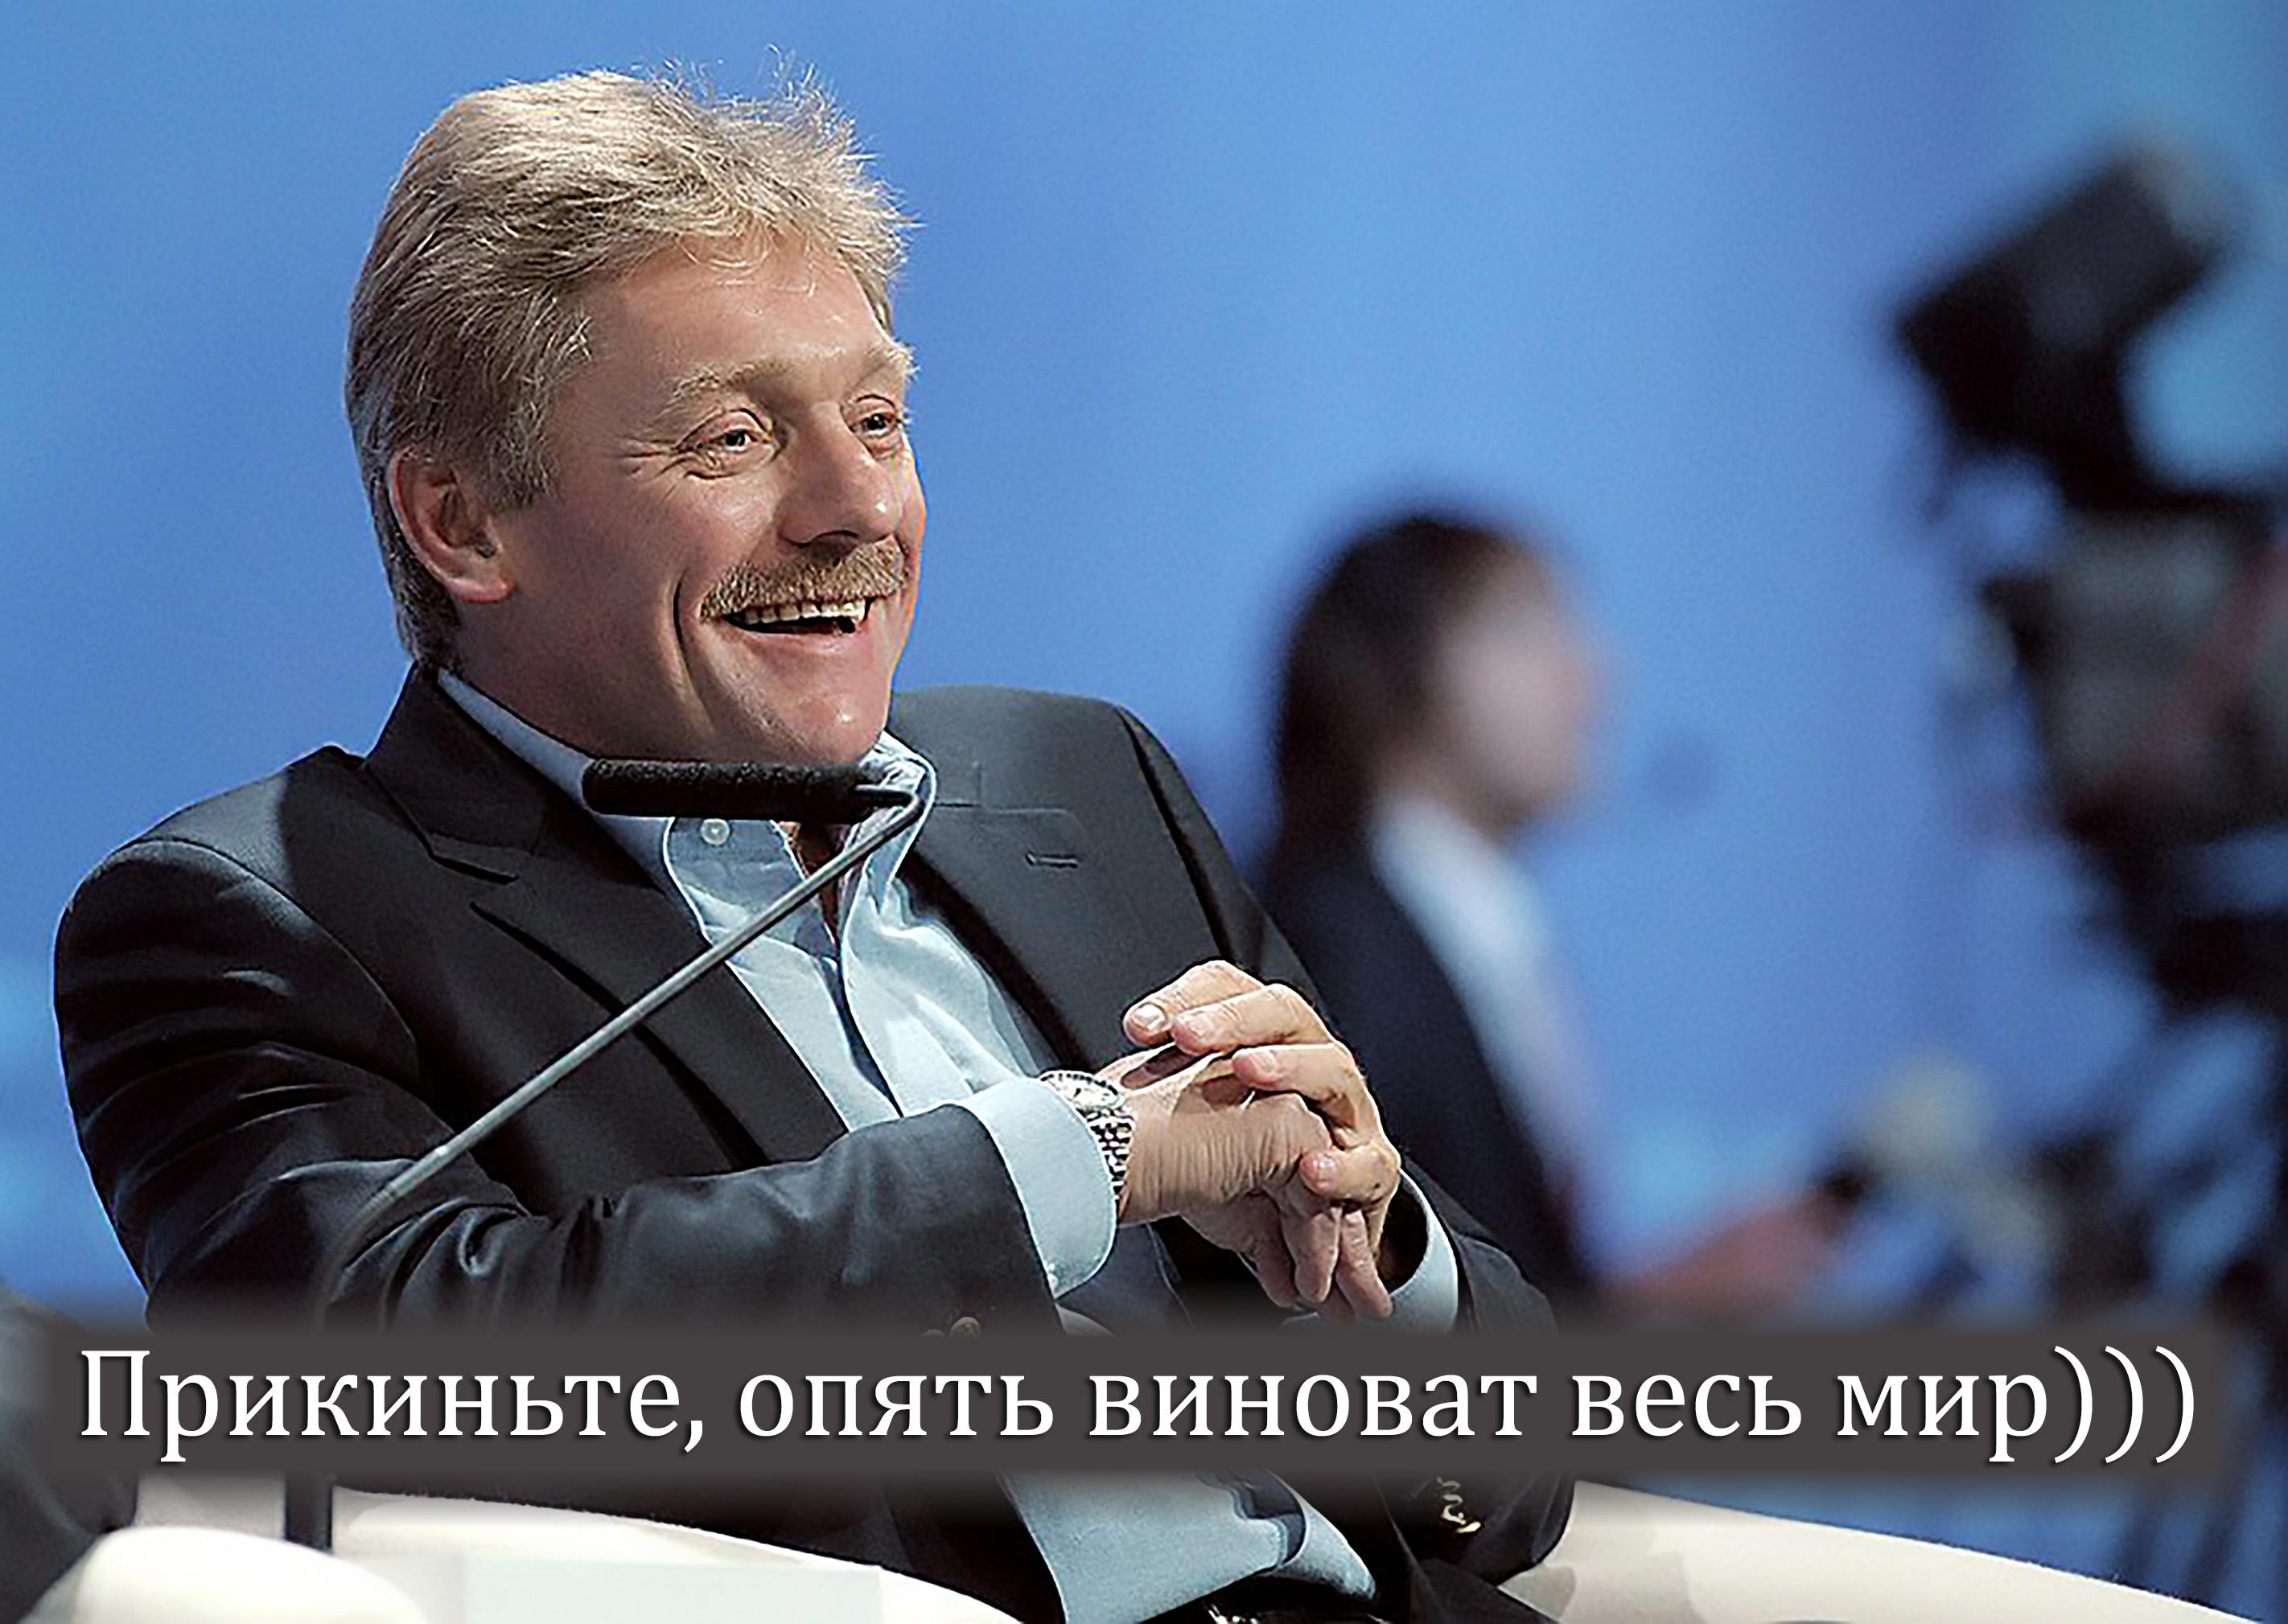 Прикиньте, опять виноват весь мир)))